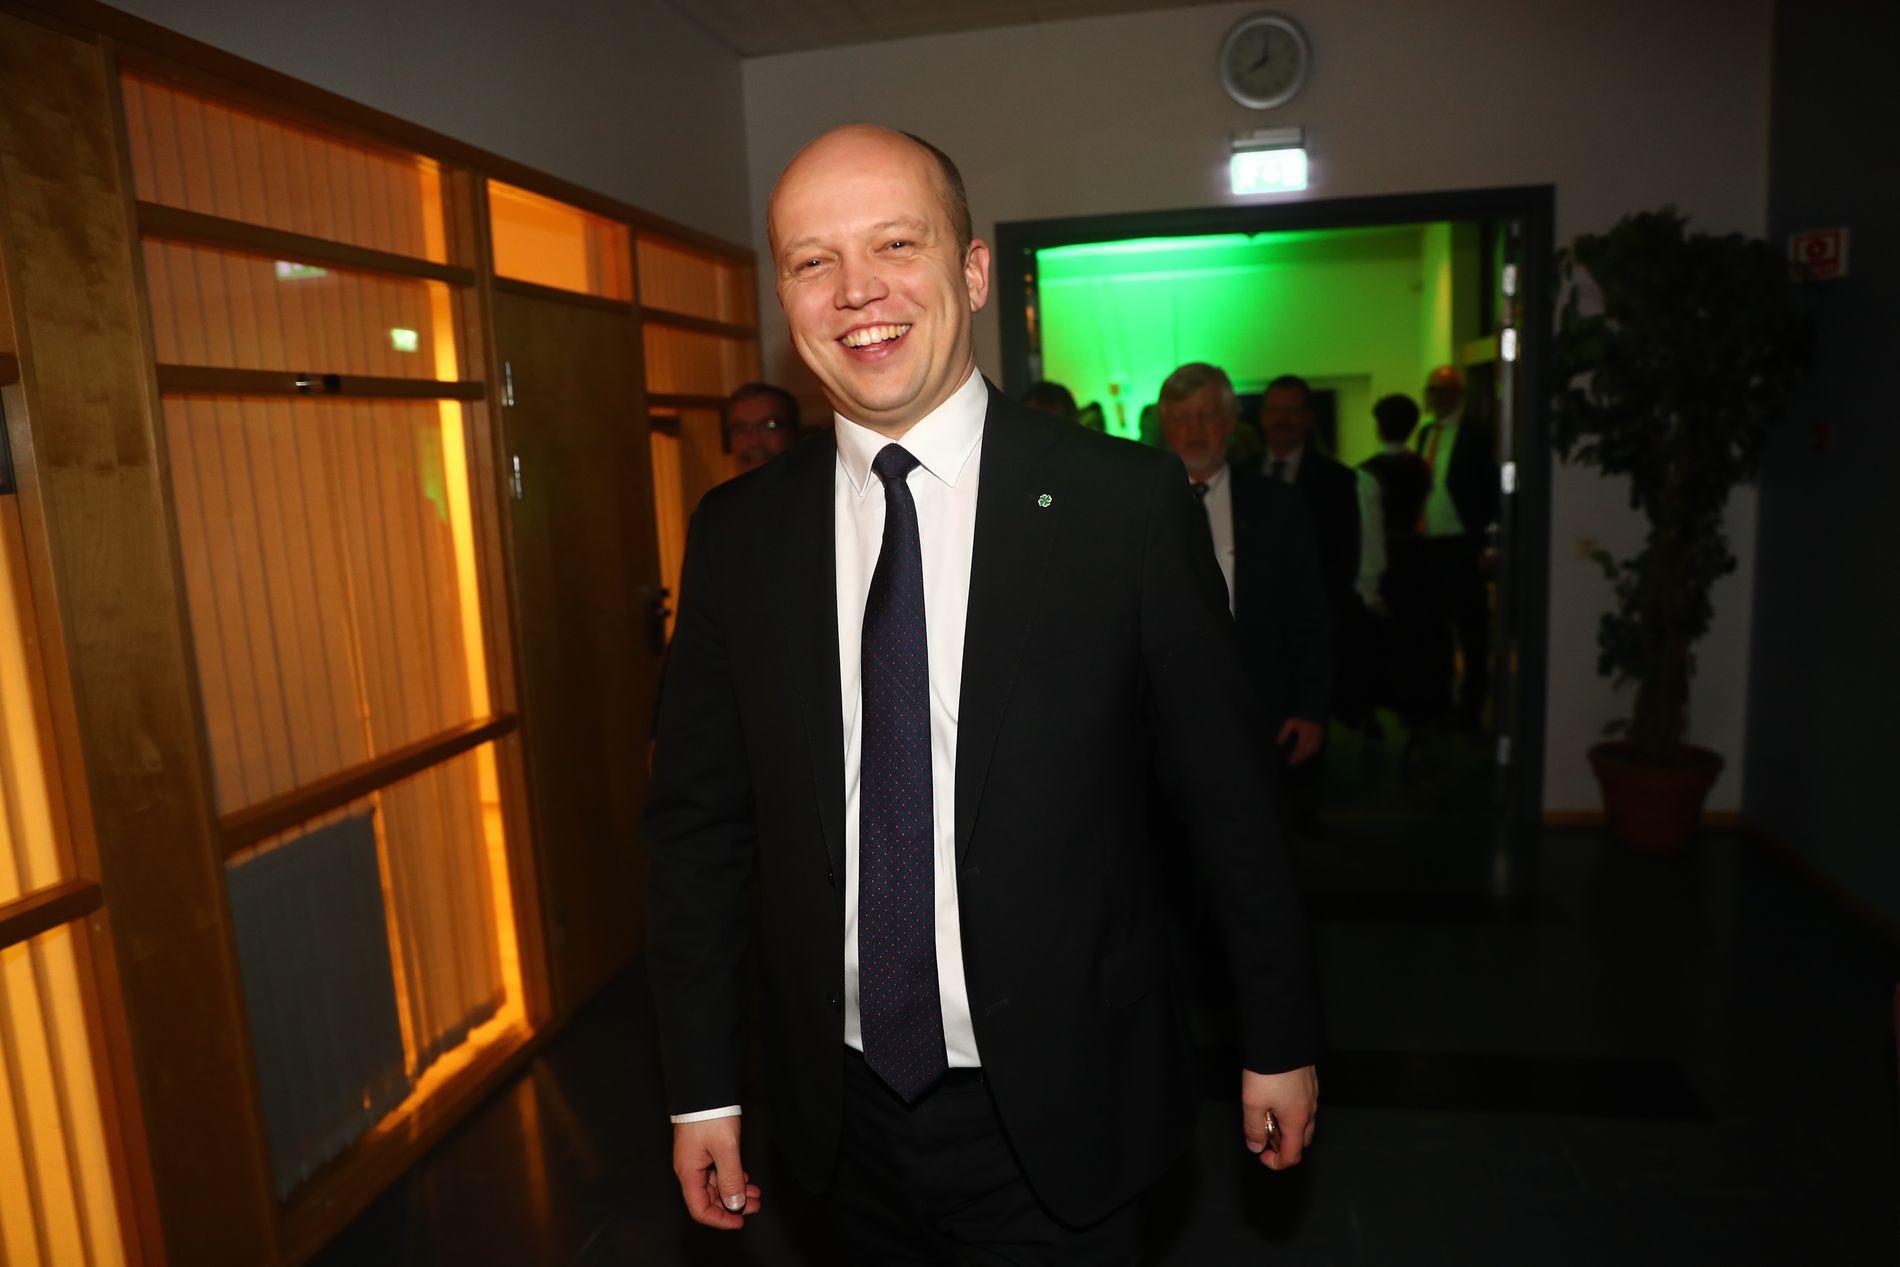 ET MANDAT: Senterparti-leder Trygve Slagsvold Vedum er fornøyd med resultatet i Oslo, nå som Senterpartiet ligger an til å få et mandat i Oslos bystyre. Bildet er fra Senterpartiet sitt landsmøte i mars 2019.